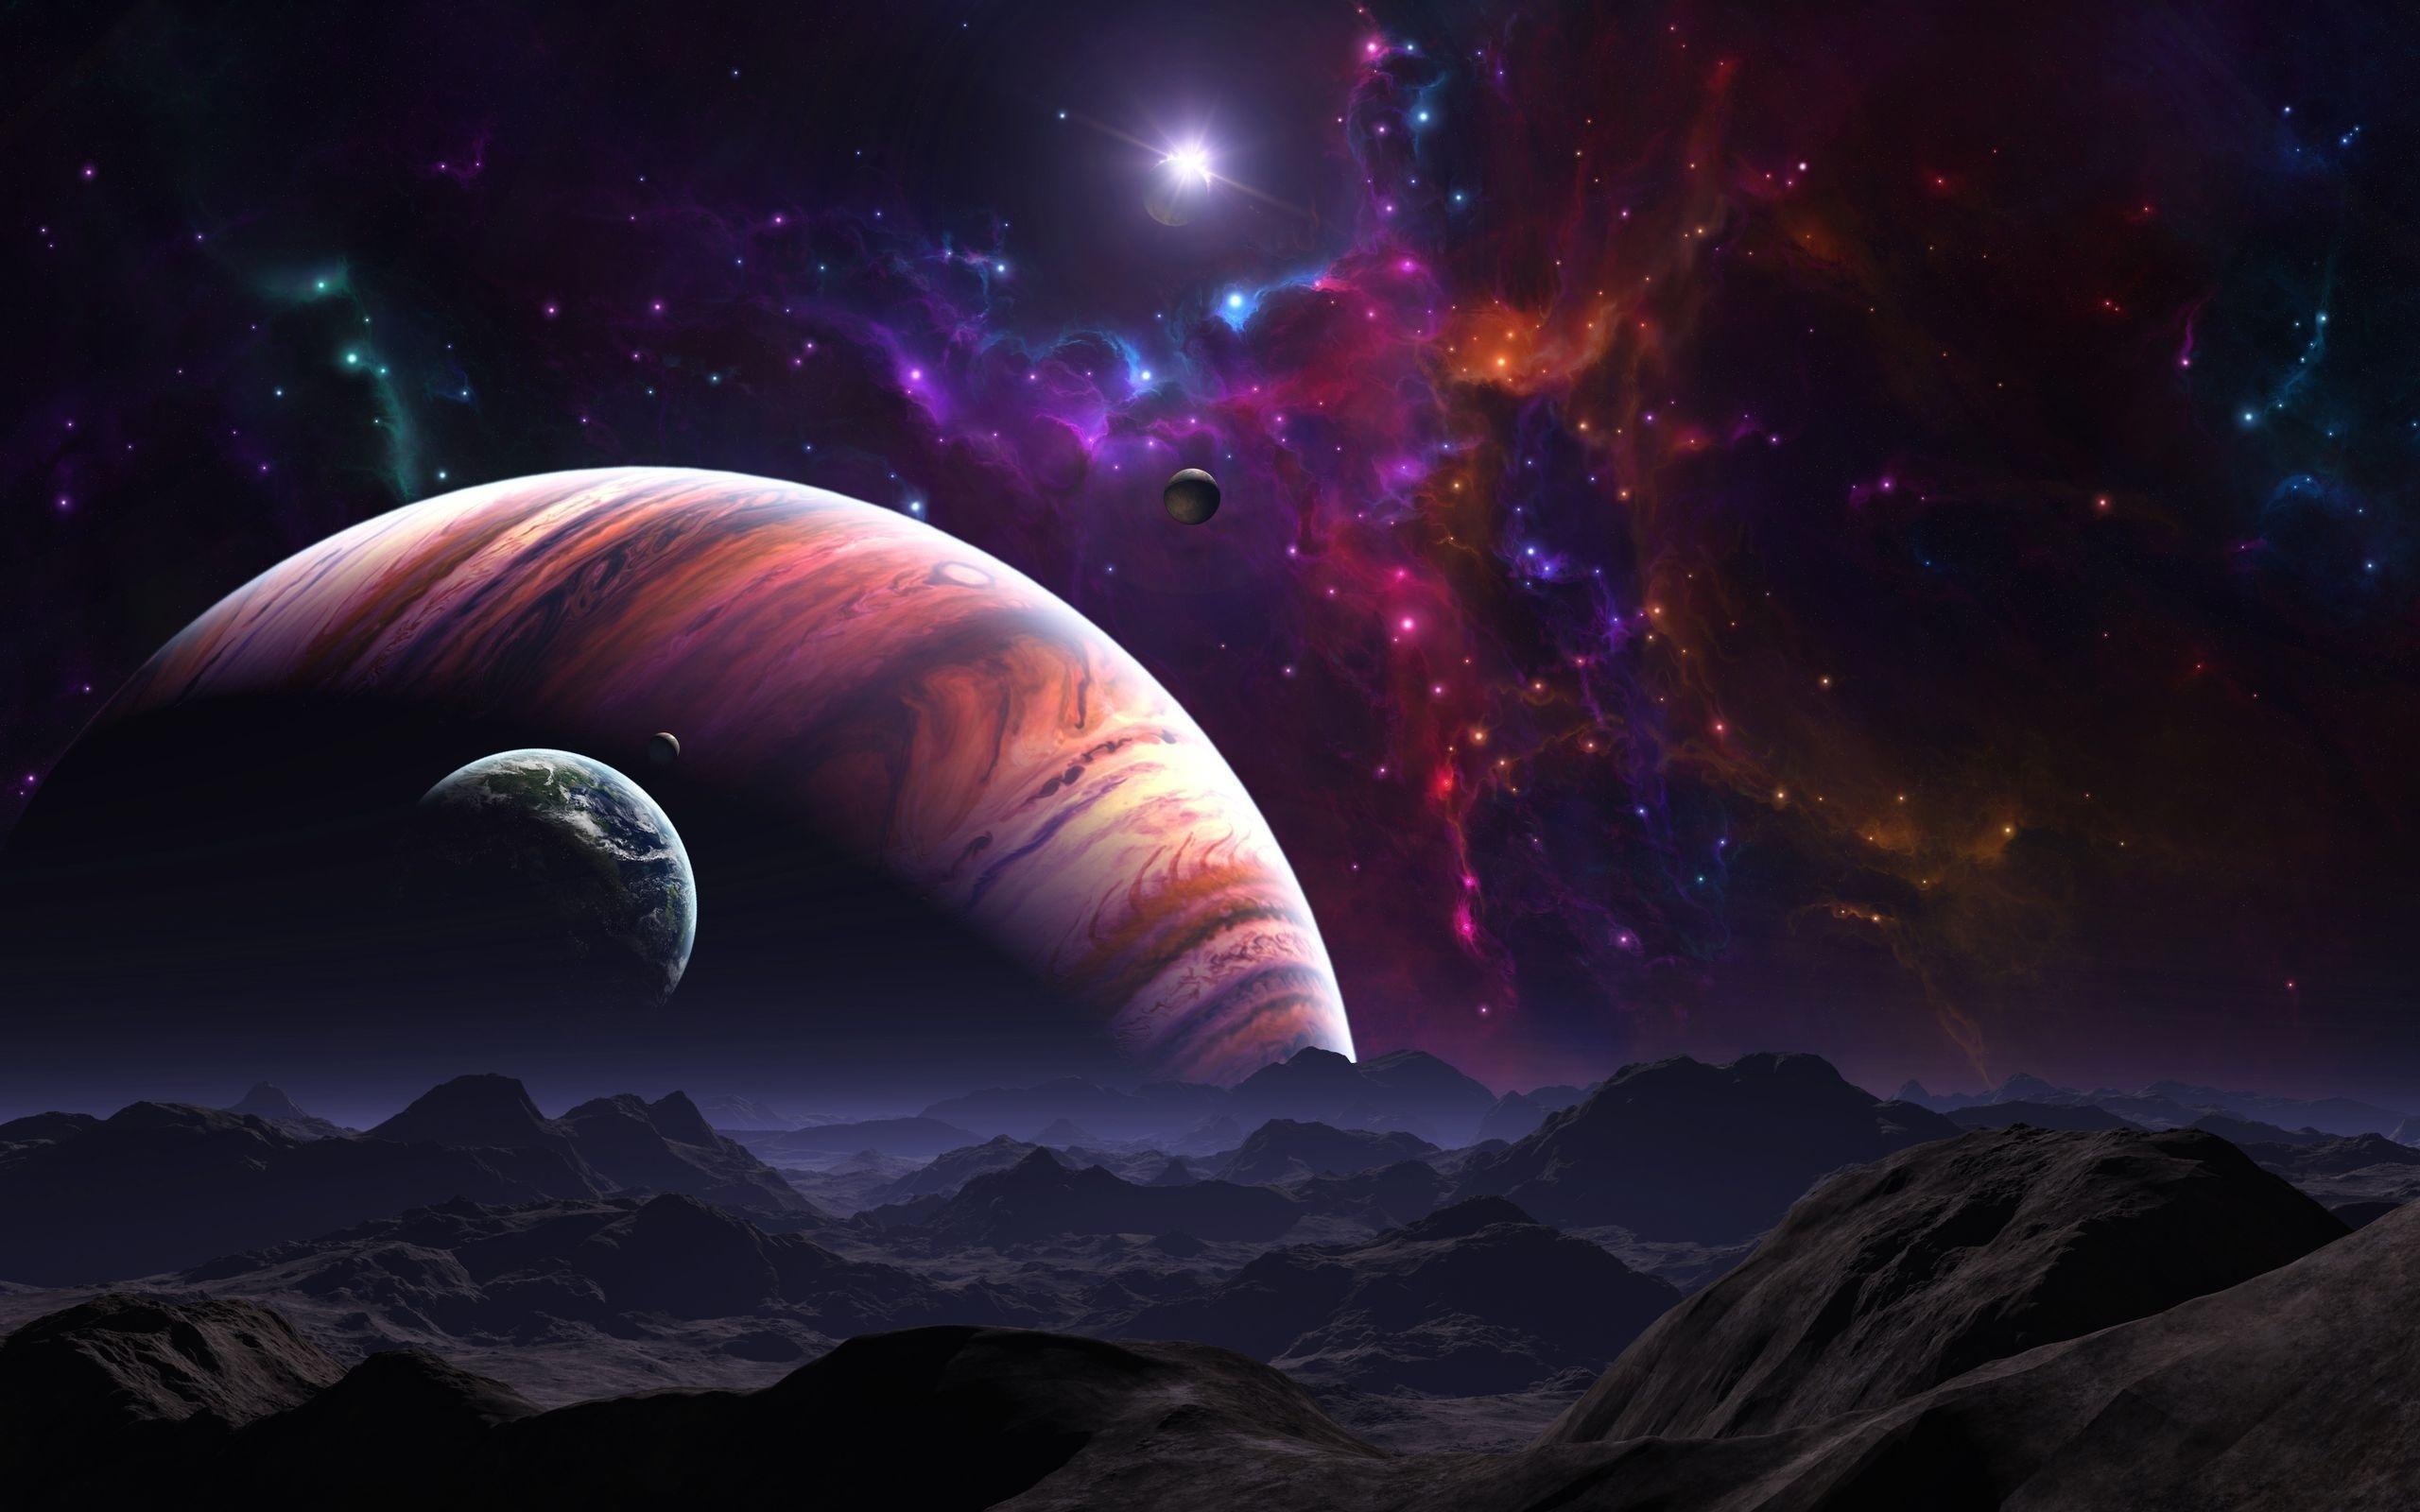 городе-герое новороссийске самые прикольные картинки вселенной уверенно